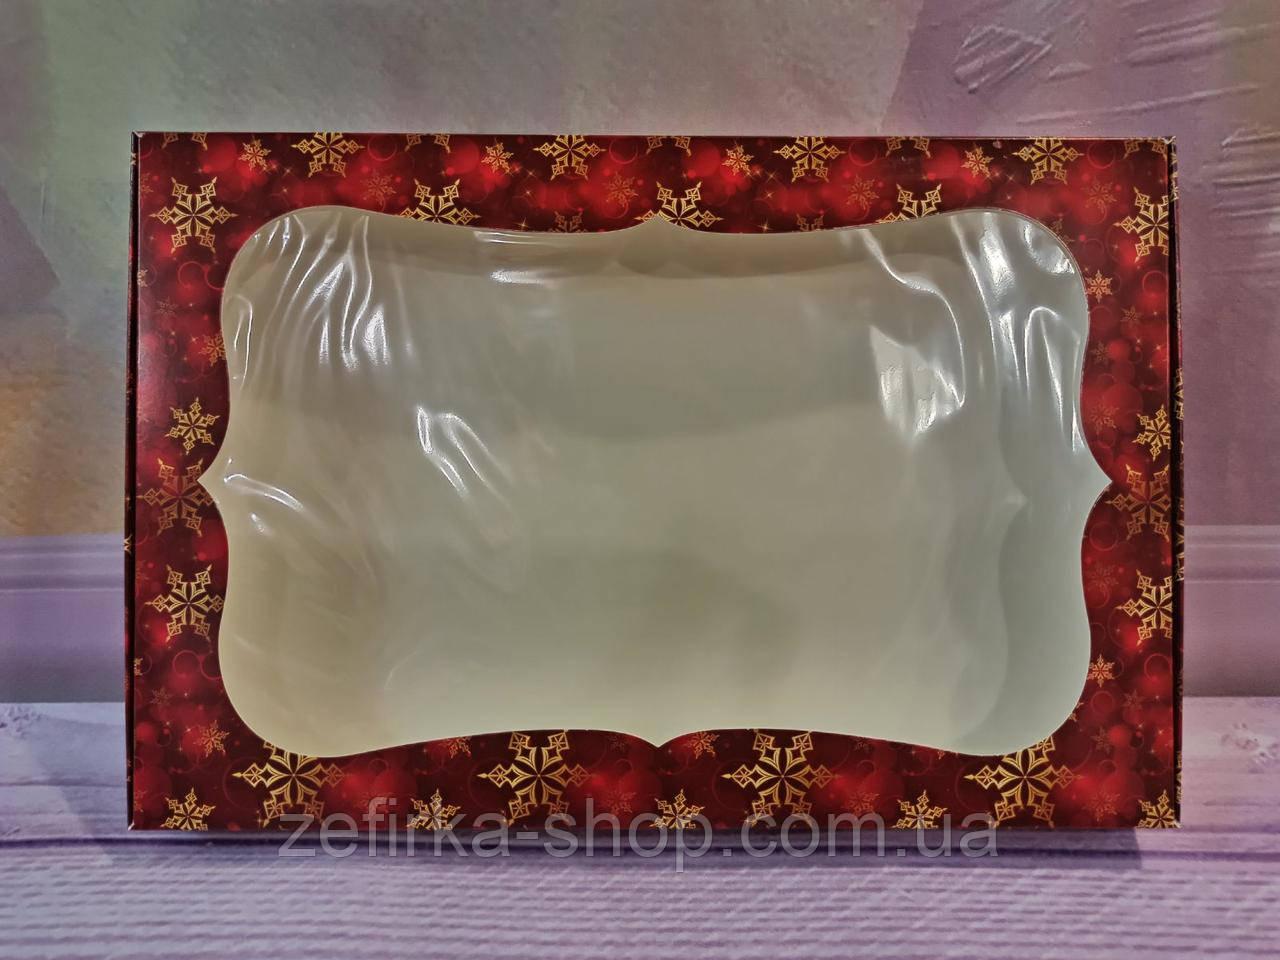 Коробка для пряников снежинка красная, 20* 30 см